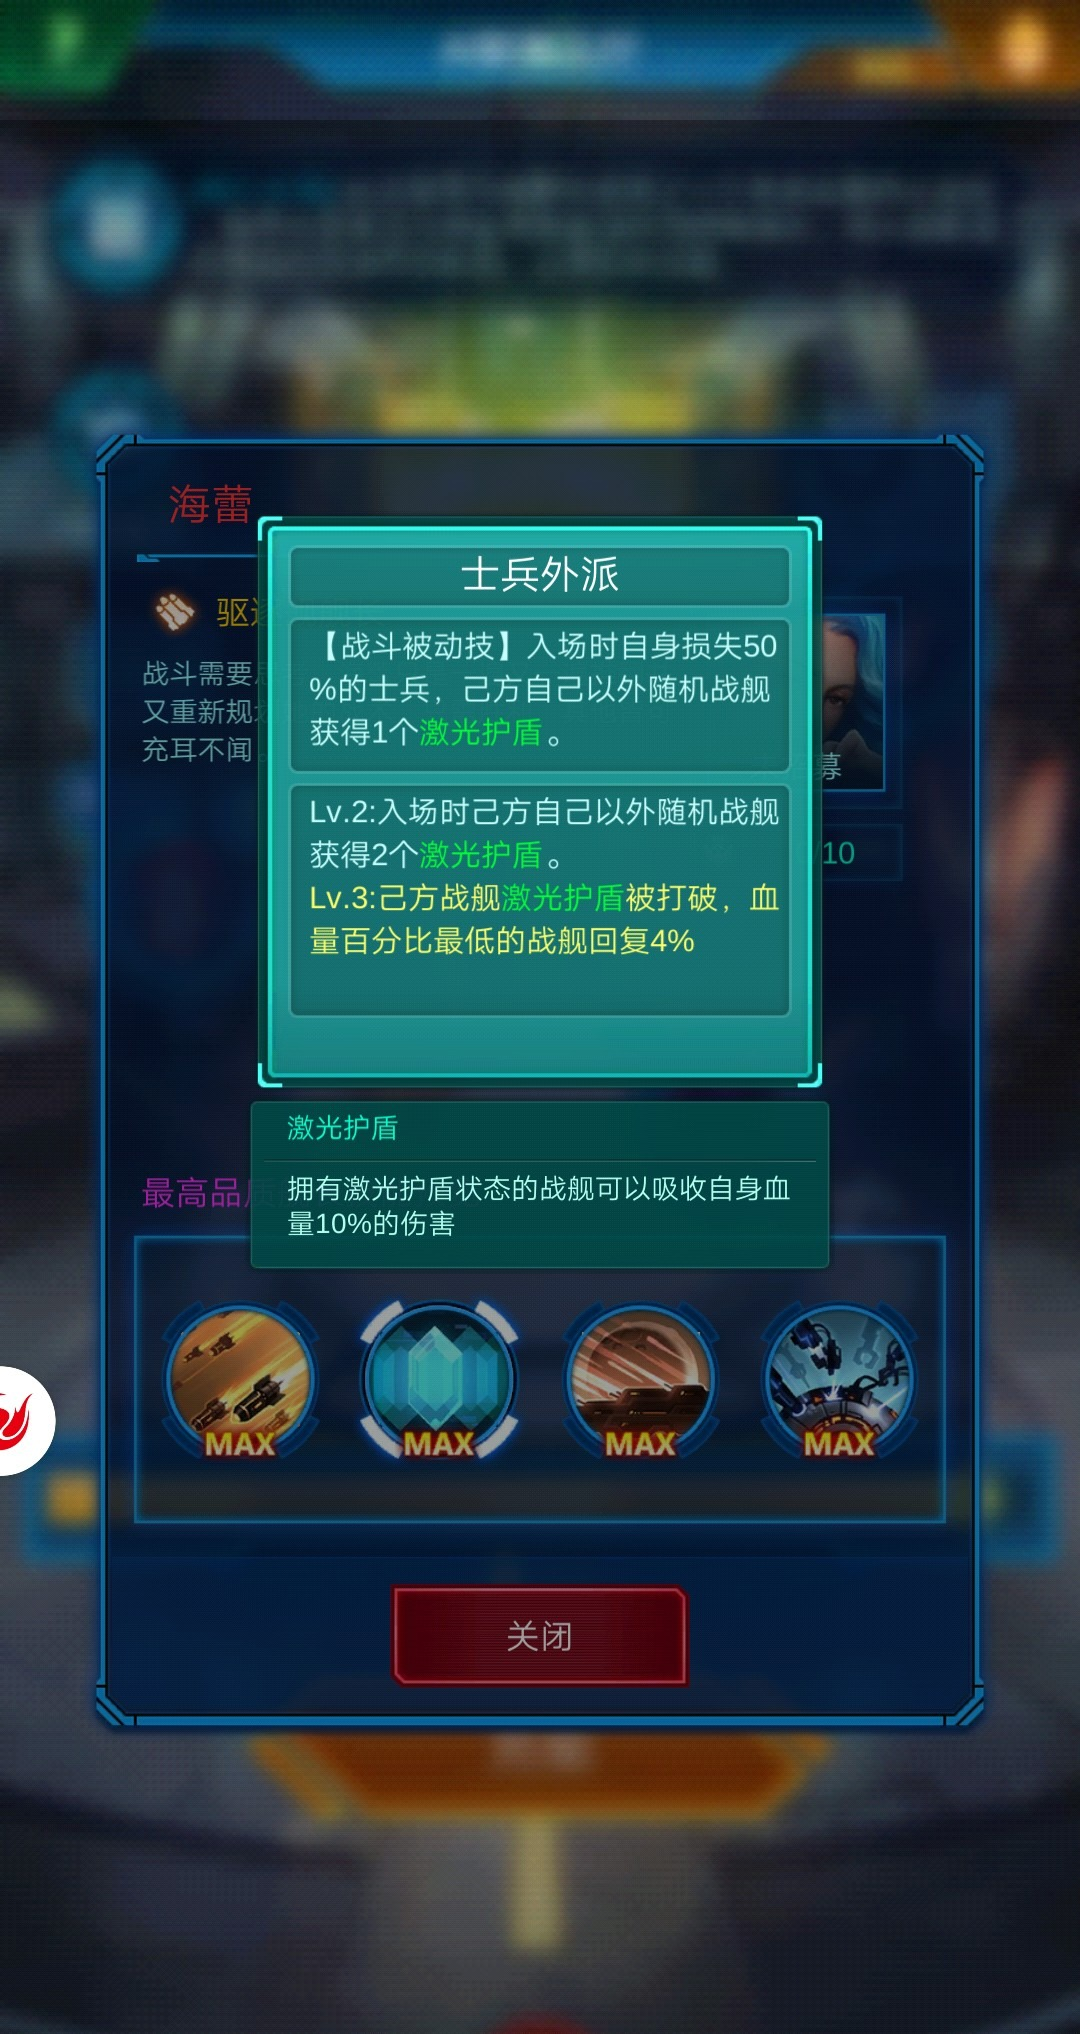 Screenshot_2020_0601_231537.jpg